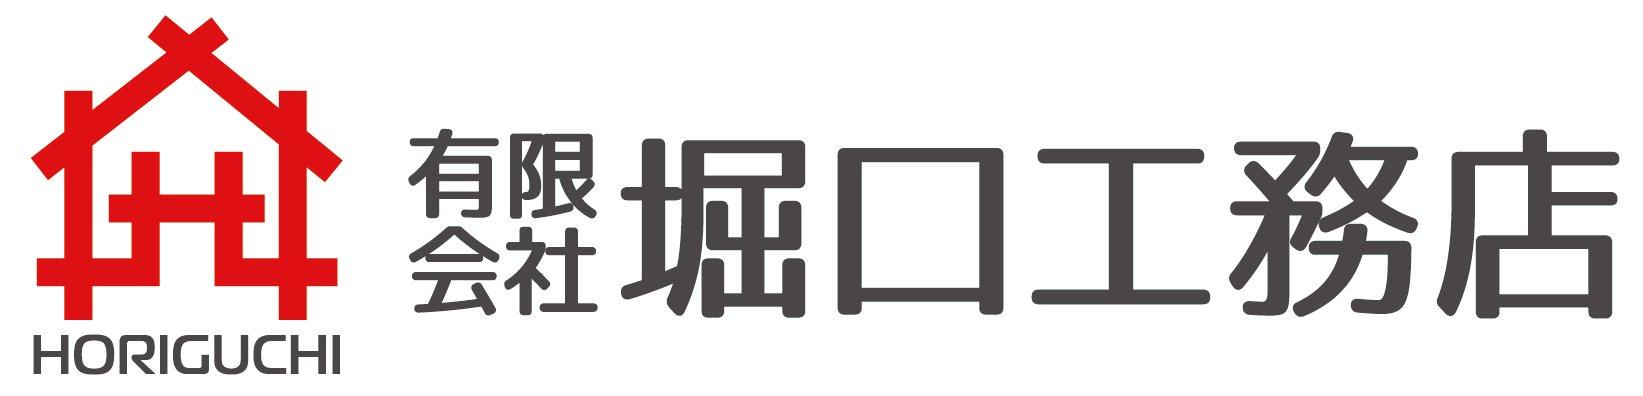 埼玉・熊谷の有限会社堀口工務店